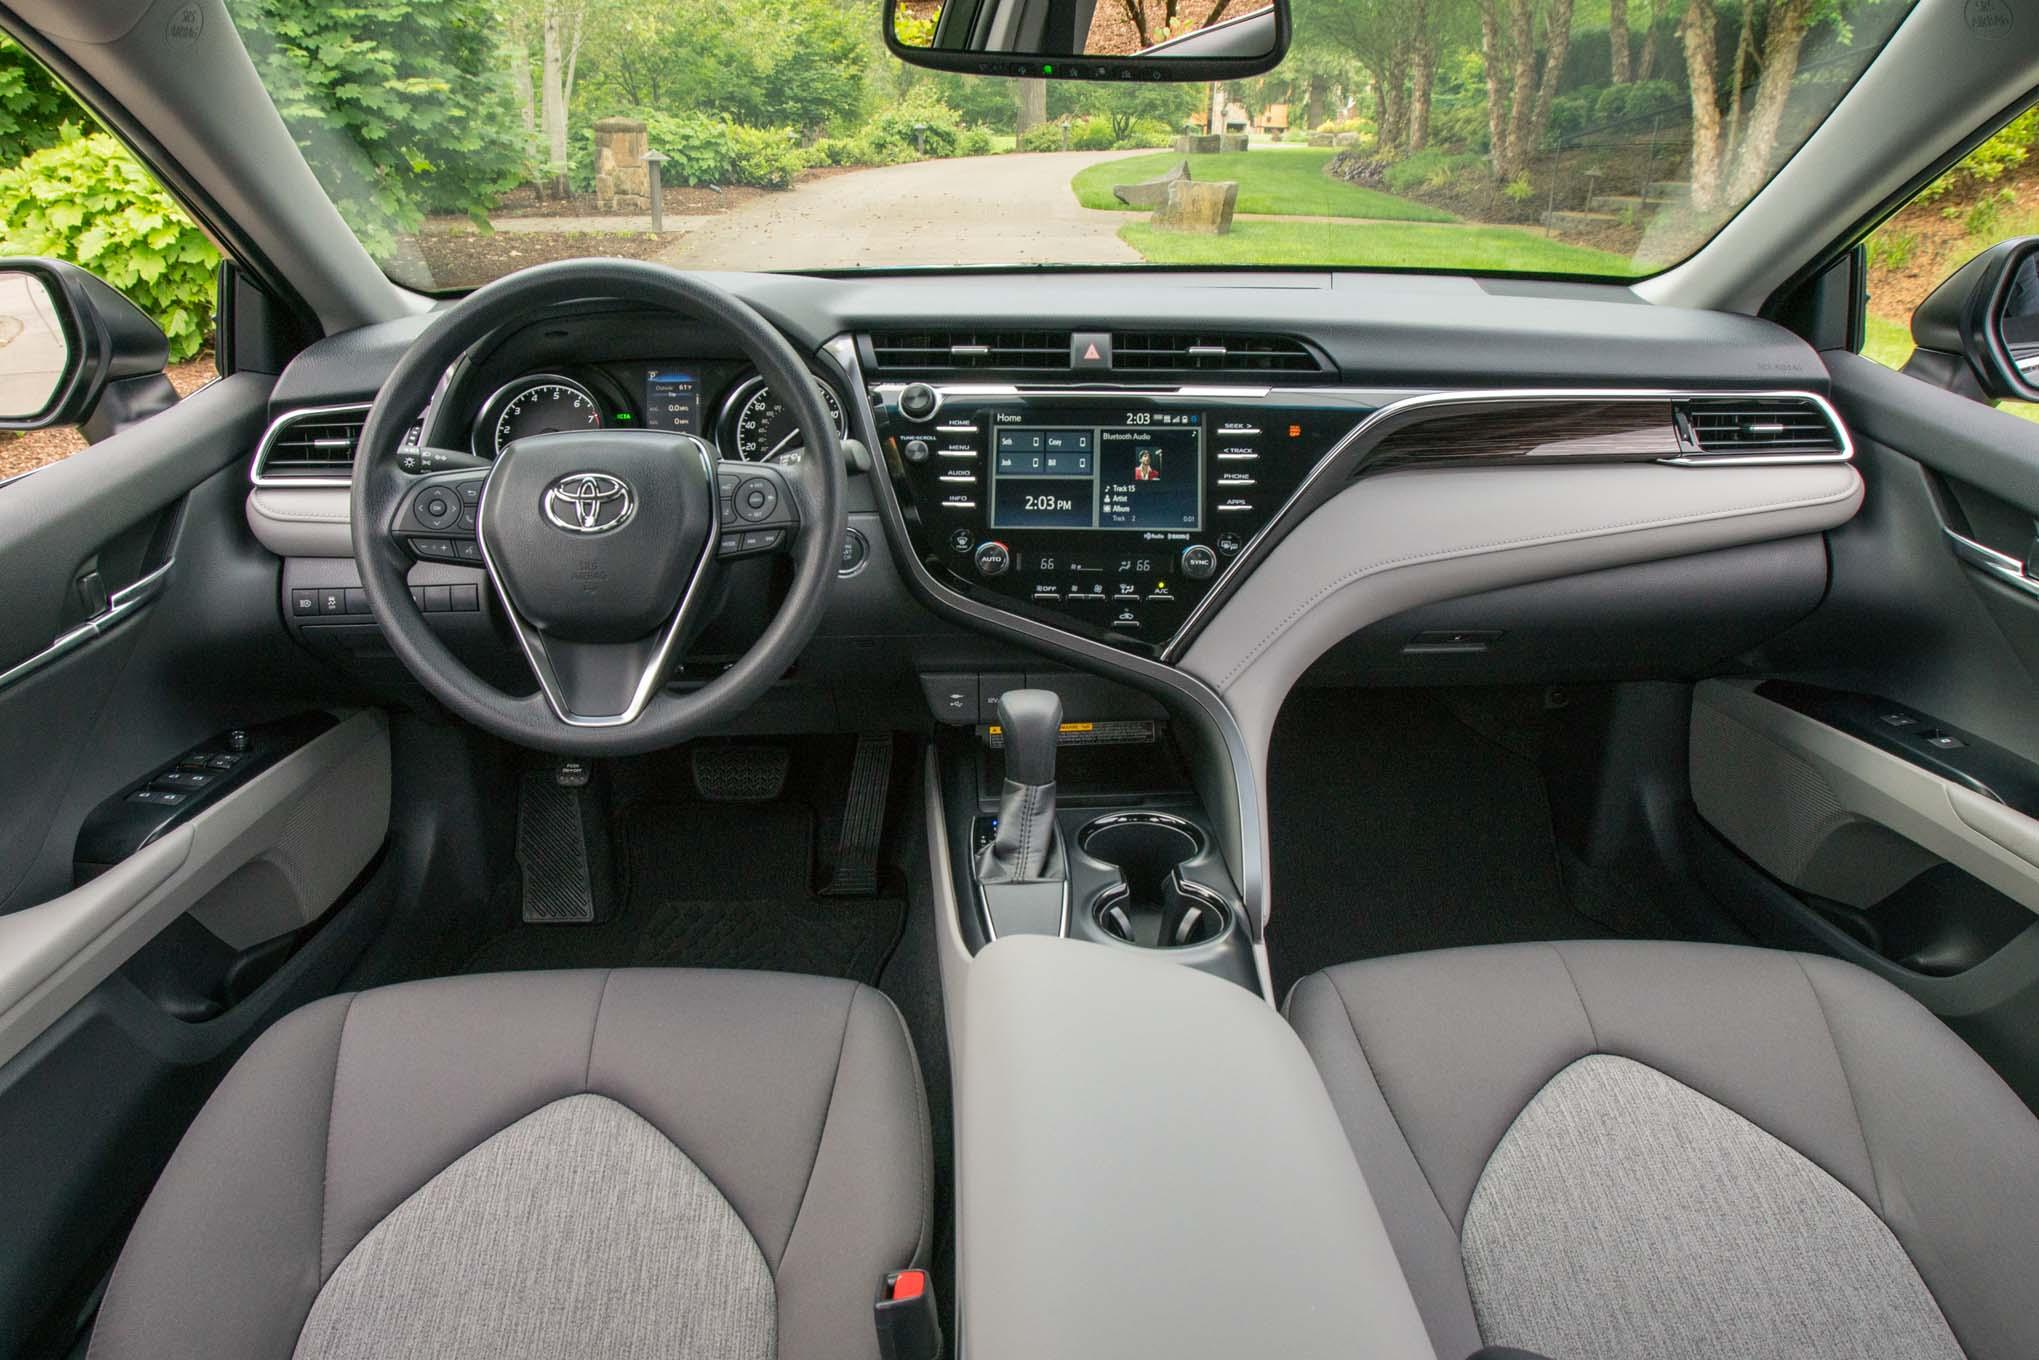 2018 Toyota Camry Le Interior Motor Trend En Espa Ol